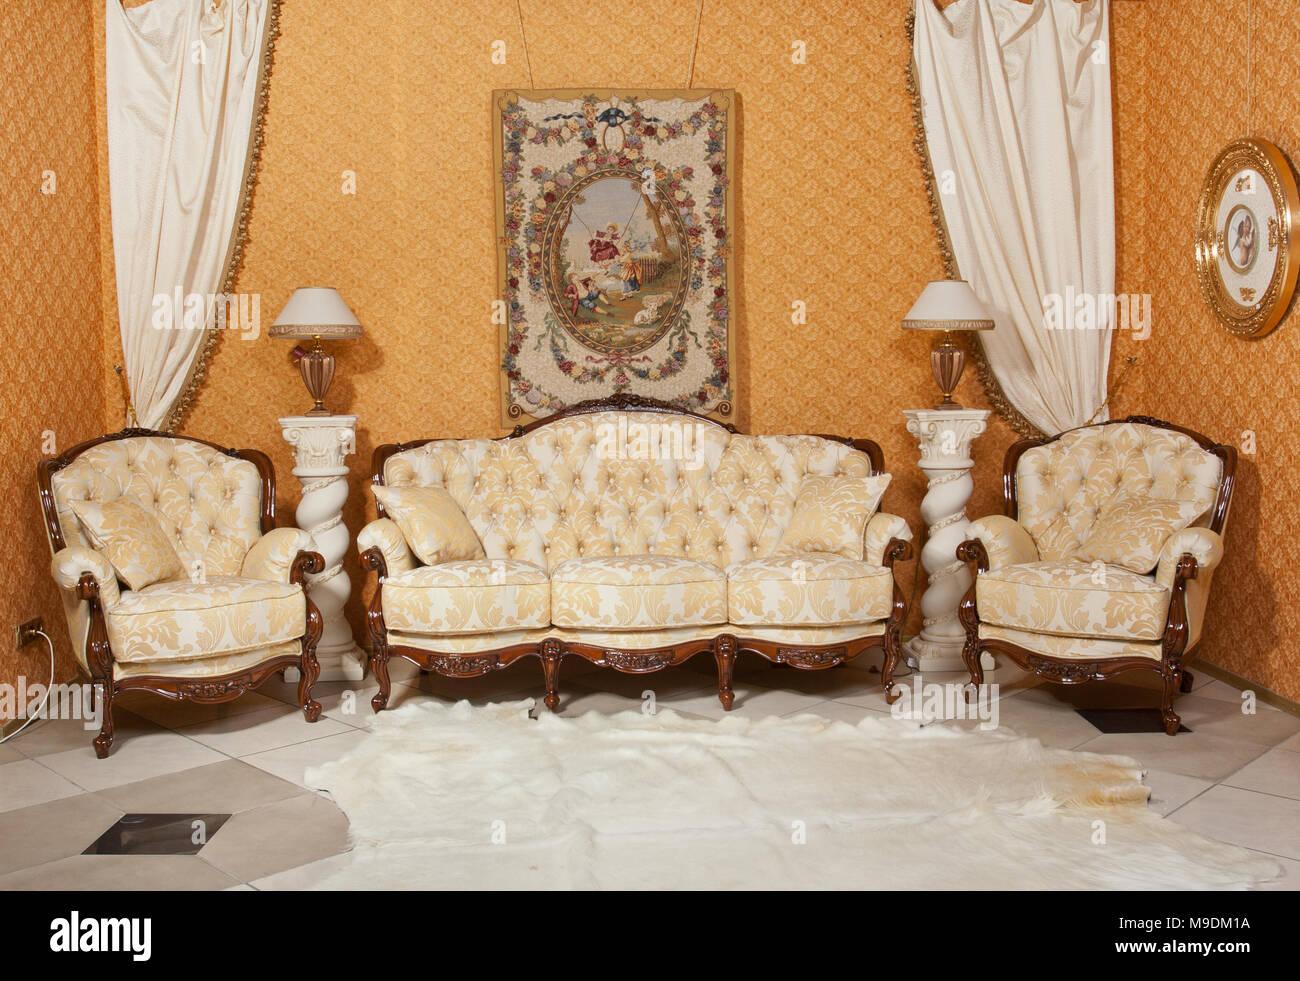 Leere Innenraum Wohnzimmer Hintergrund in warmen Farben ...